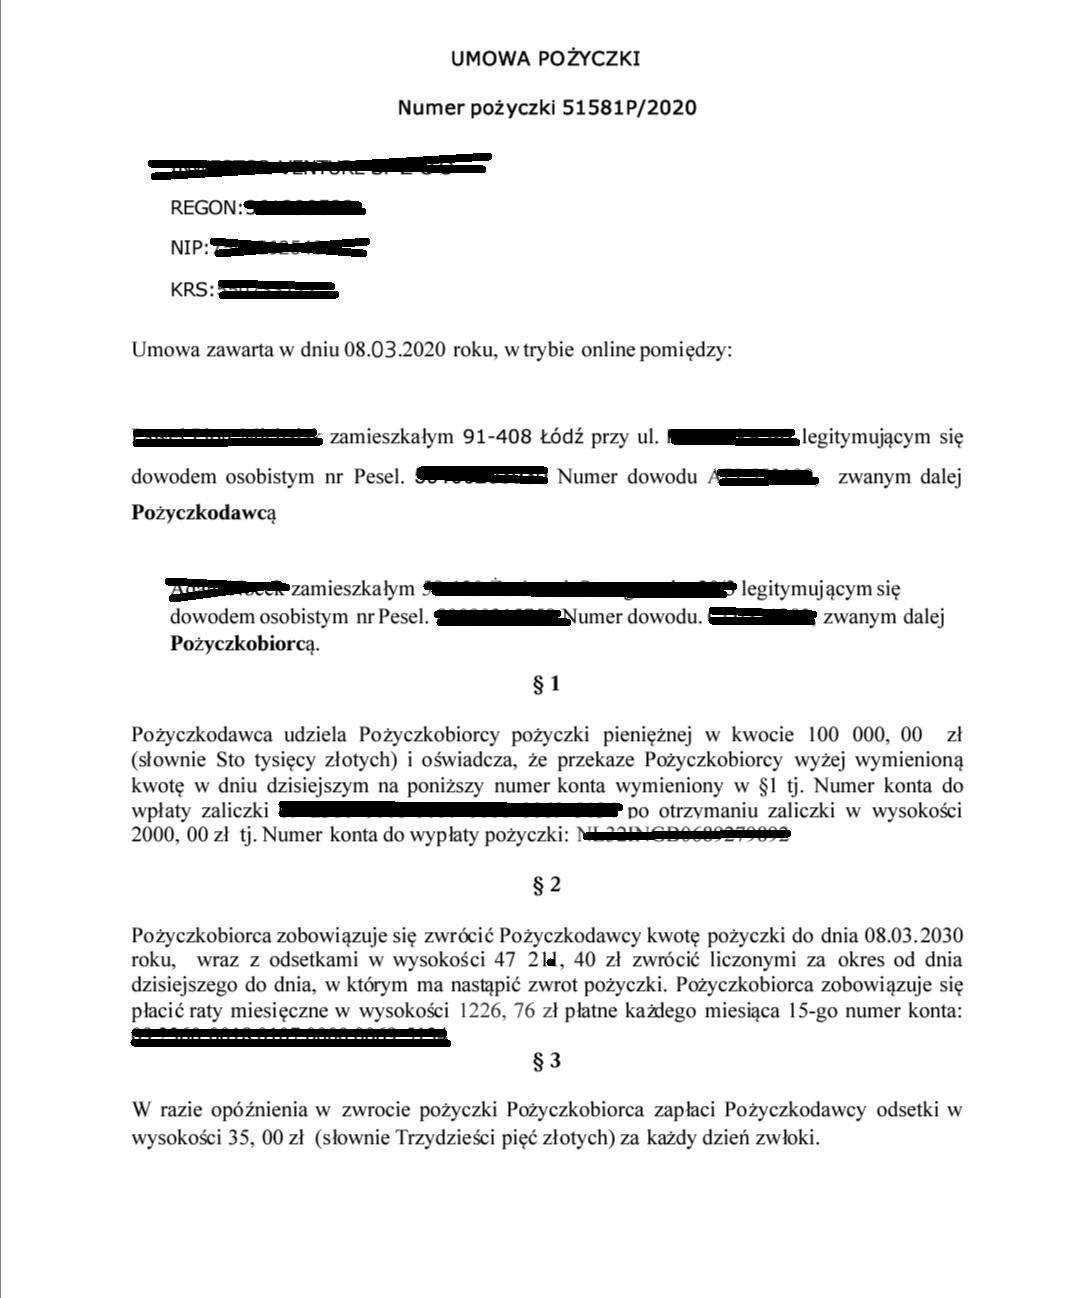 prywatna-pozyczka-umowa